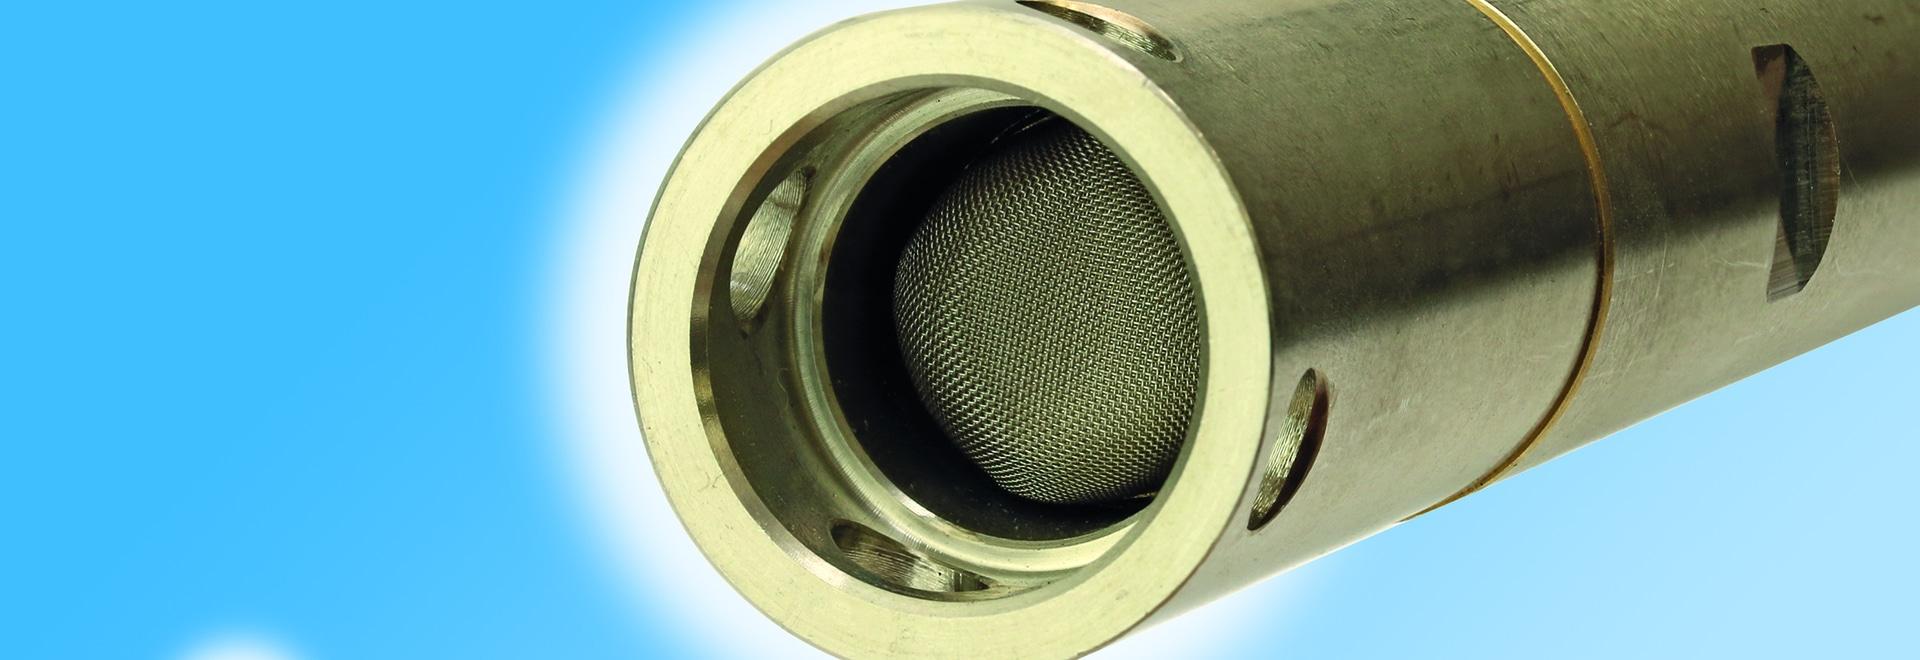 Le capteur tous gaz ES1-AG: Conçu pour la qualité de l'air intérieur